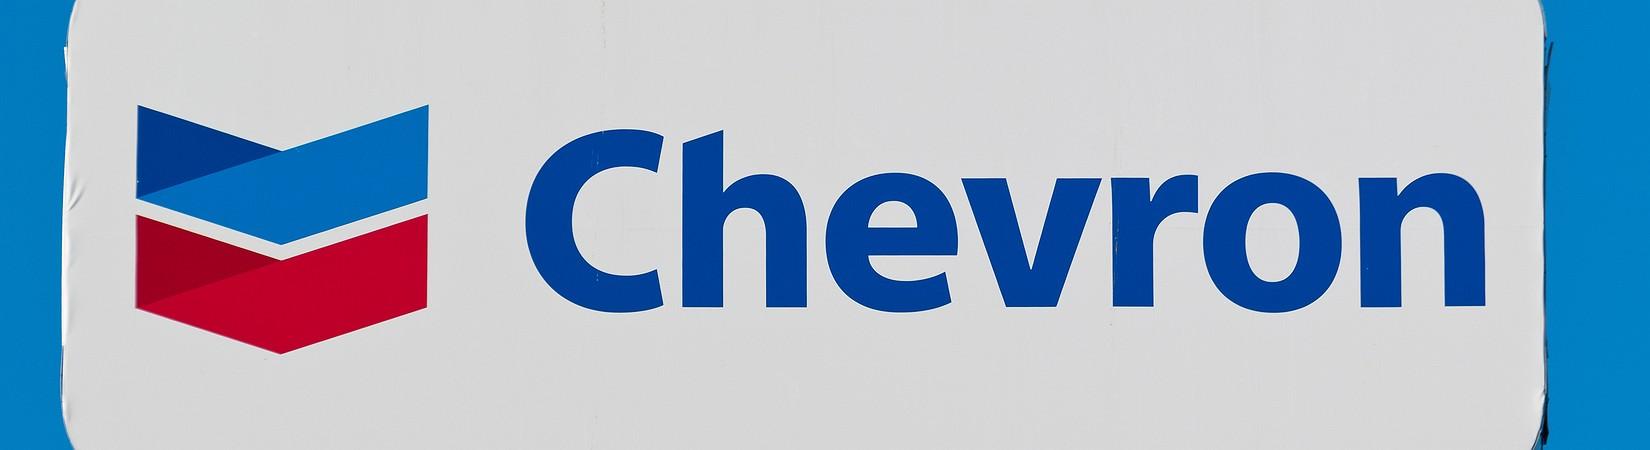 Chevron planea la venta de activos en Bangladesh